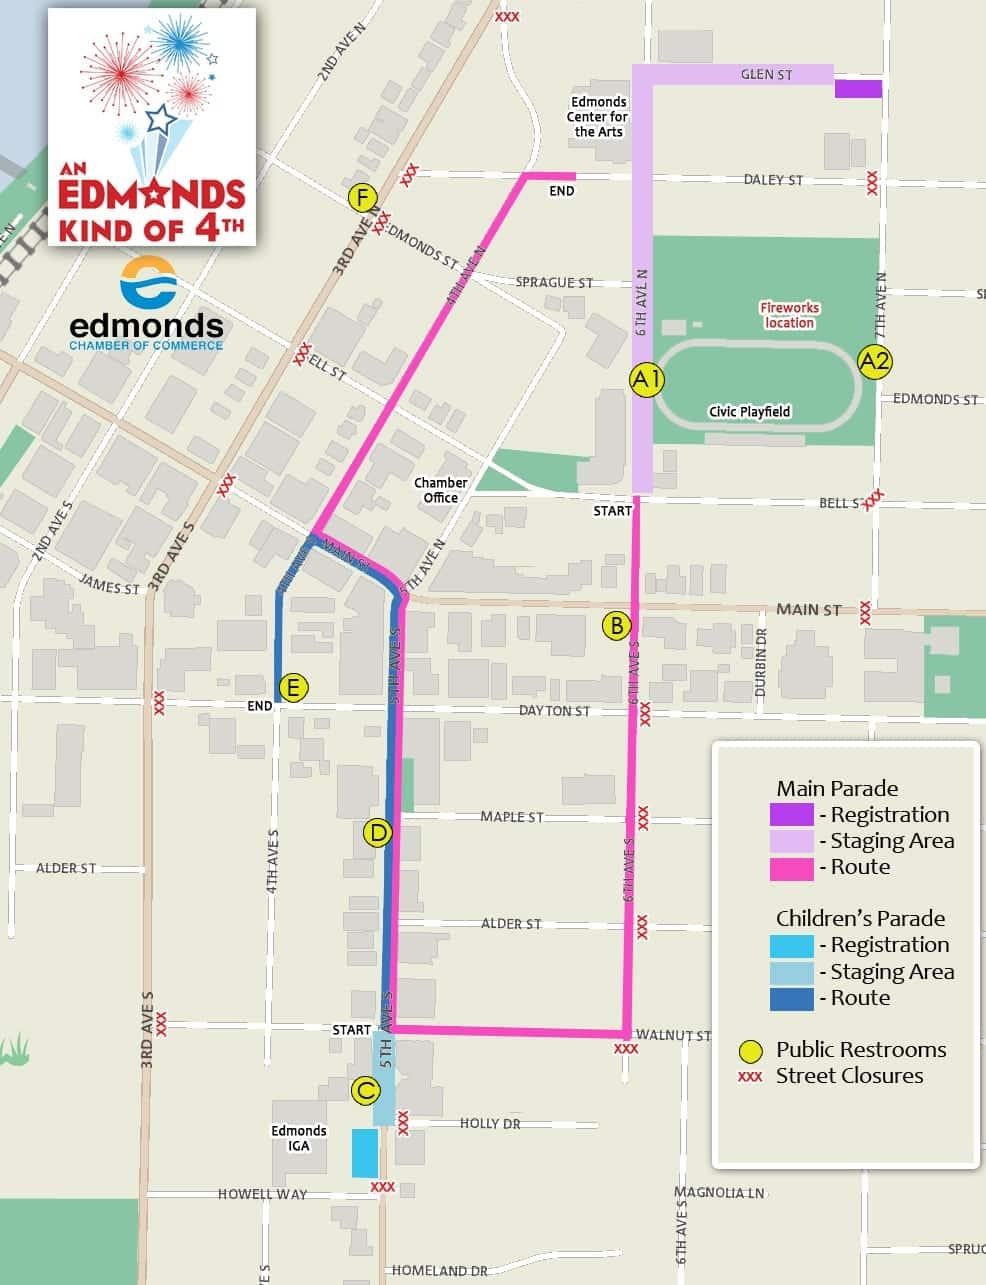 Edmonds Main Parade Map